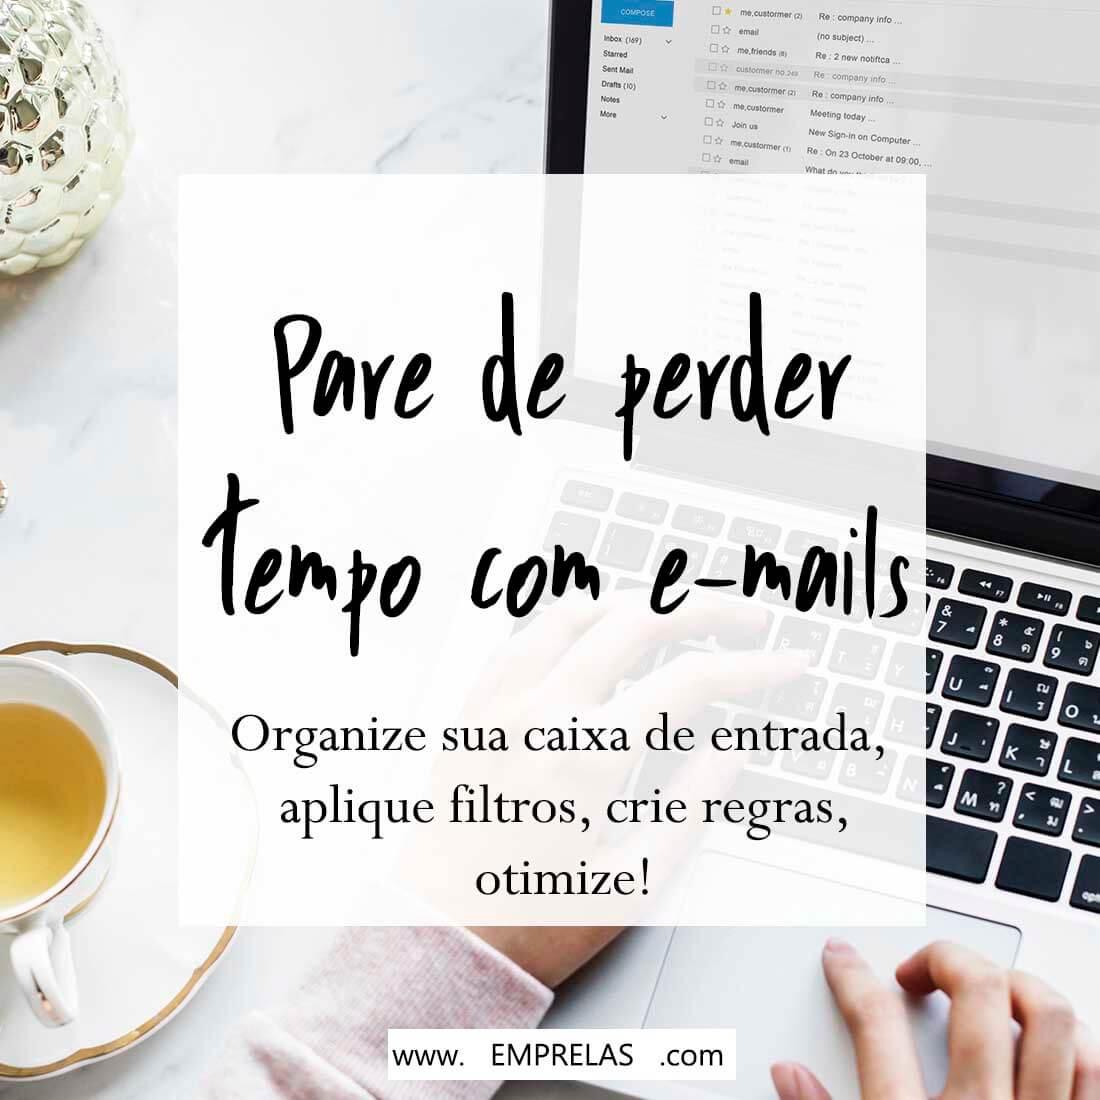 pare perder tempo com e-mails